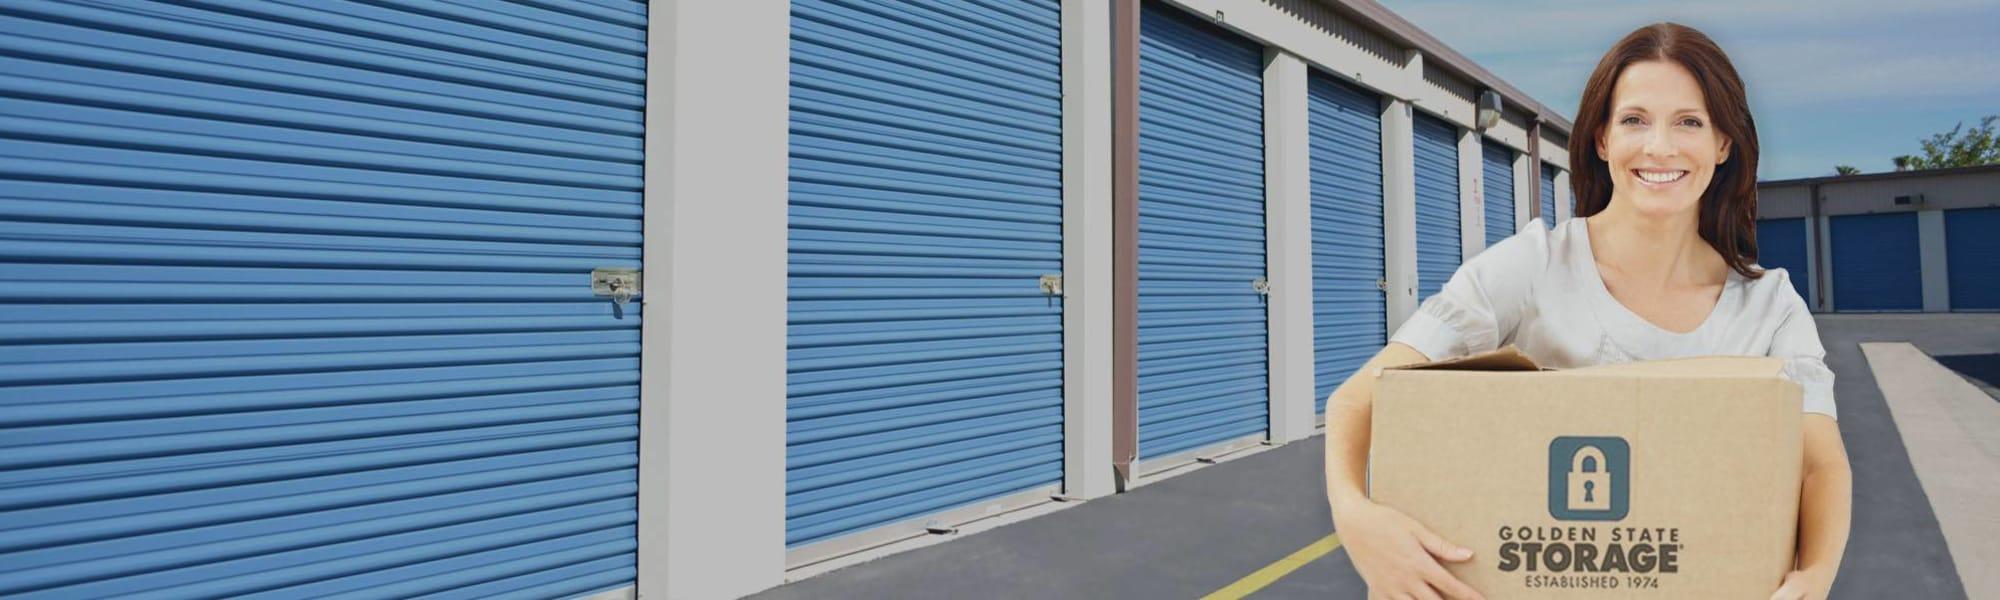 RV & Boat storage at Crown Self Storage in North Las Vegas, Nevada